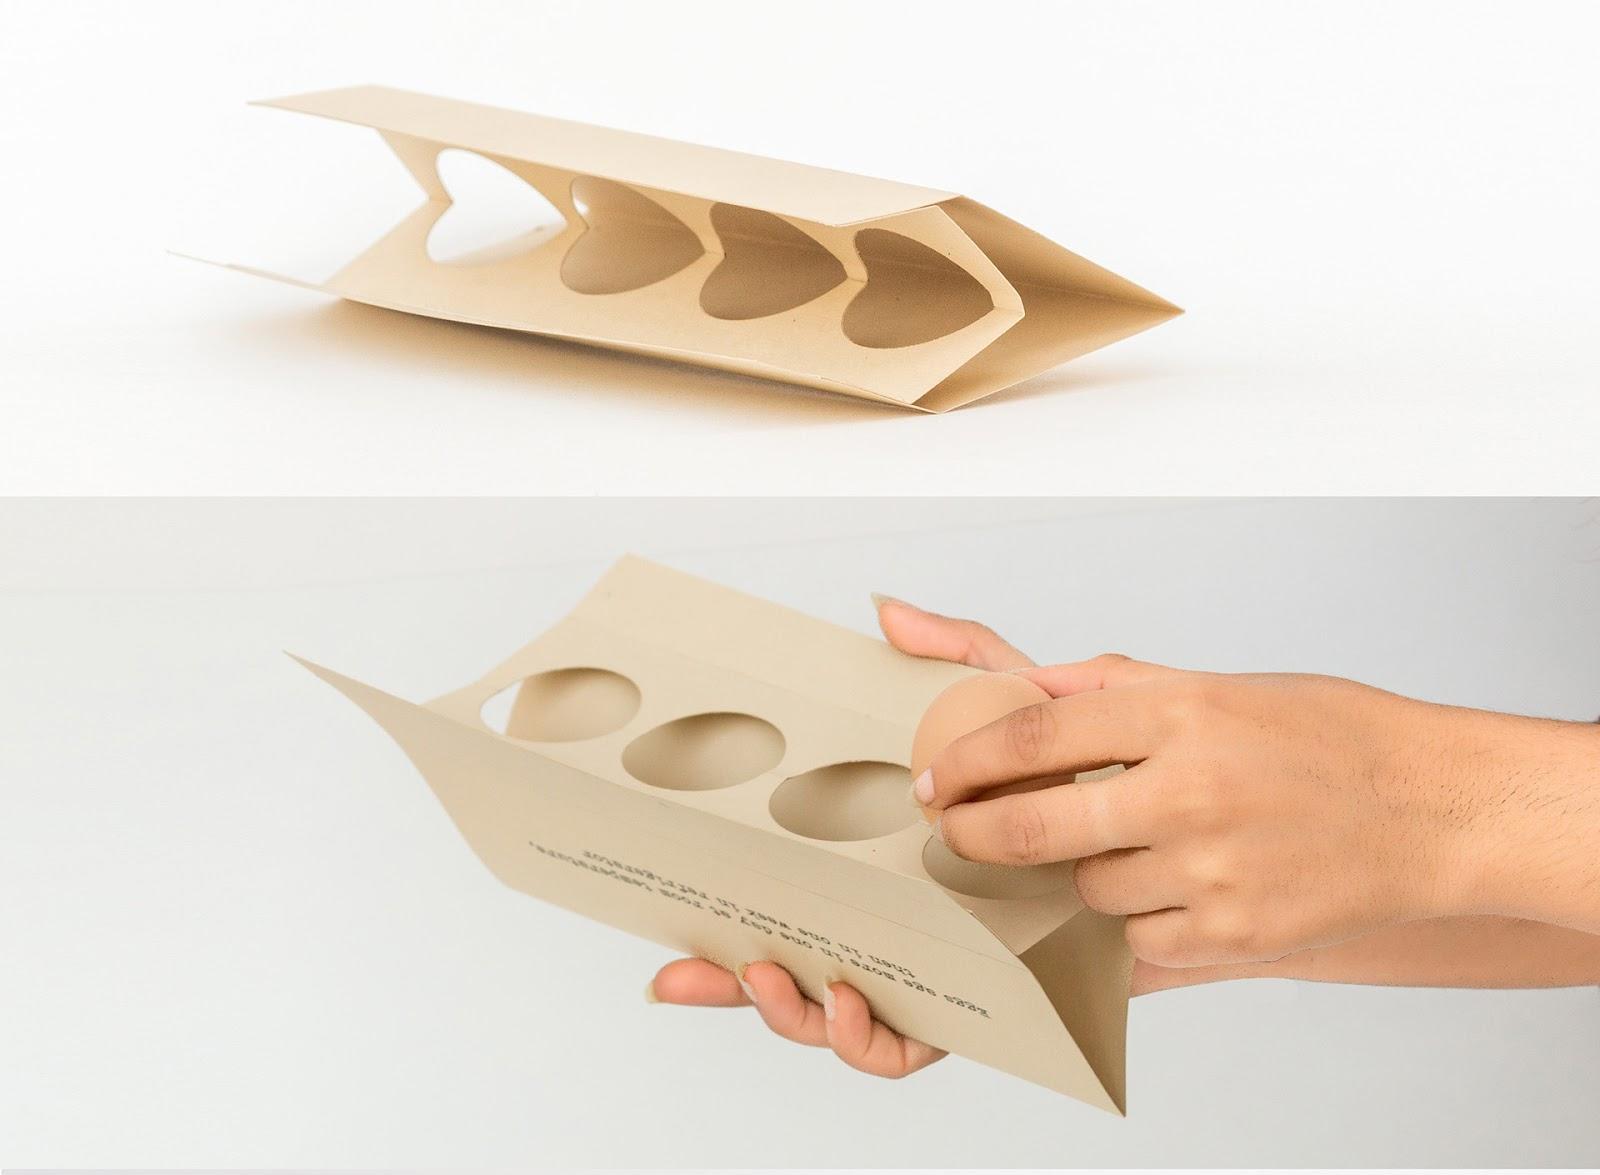 Eggscetra 蛋品结构设计